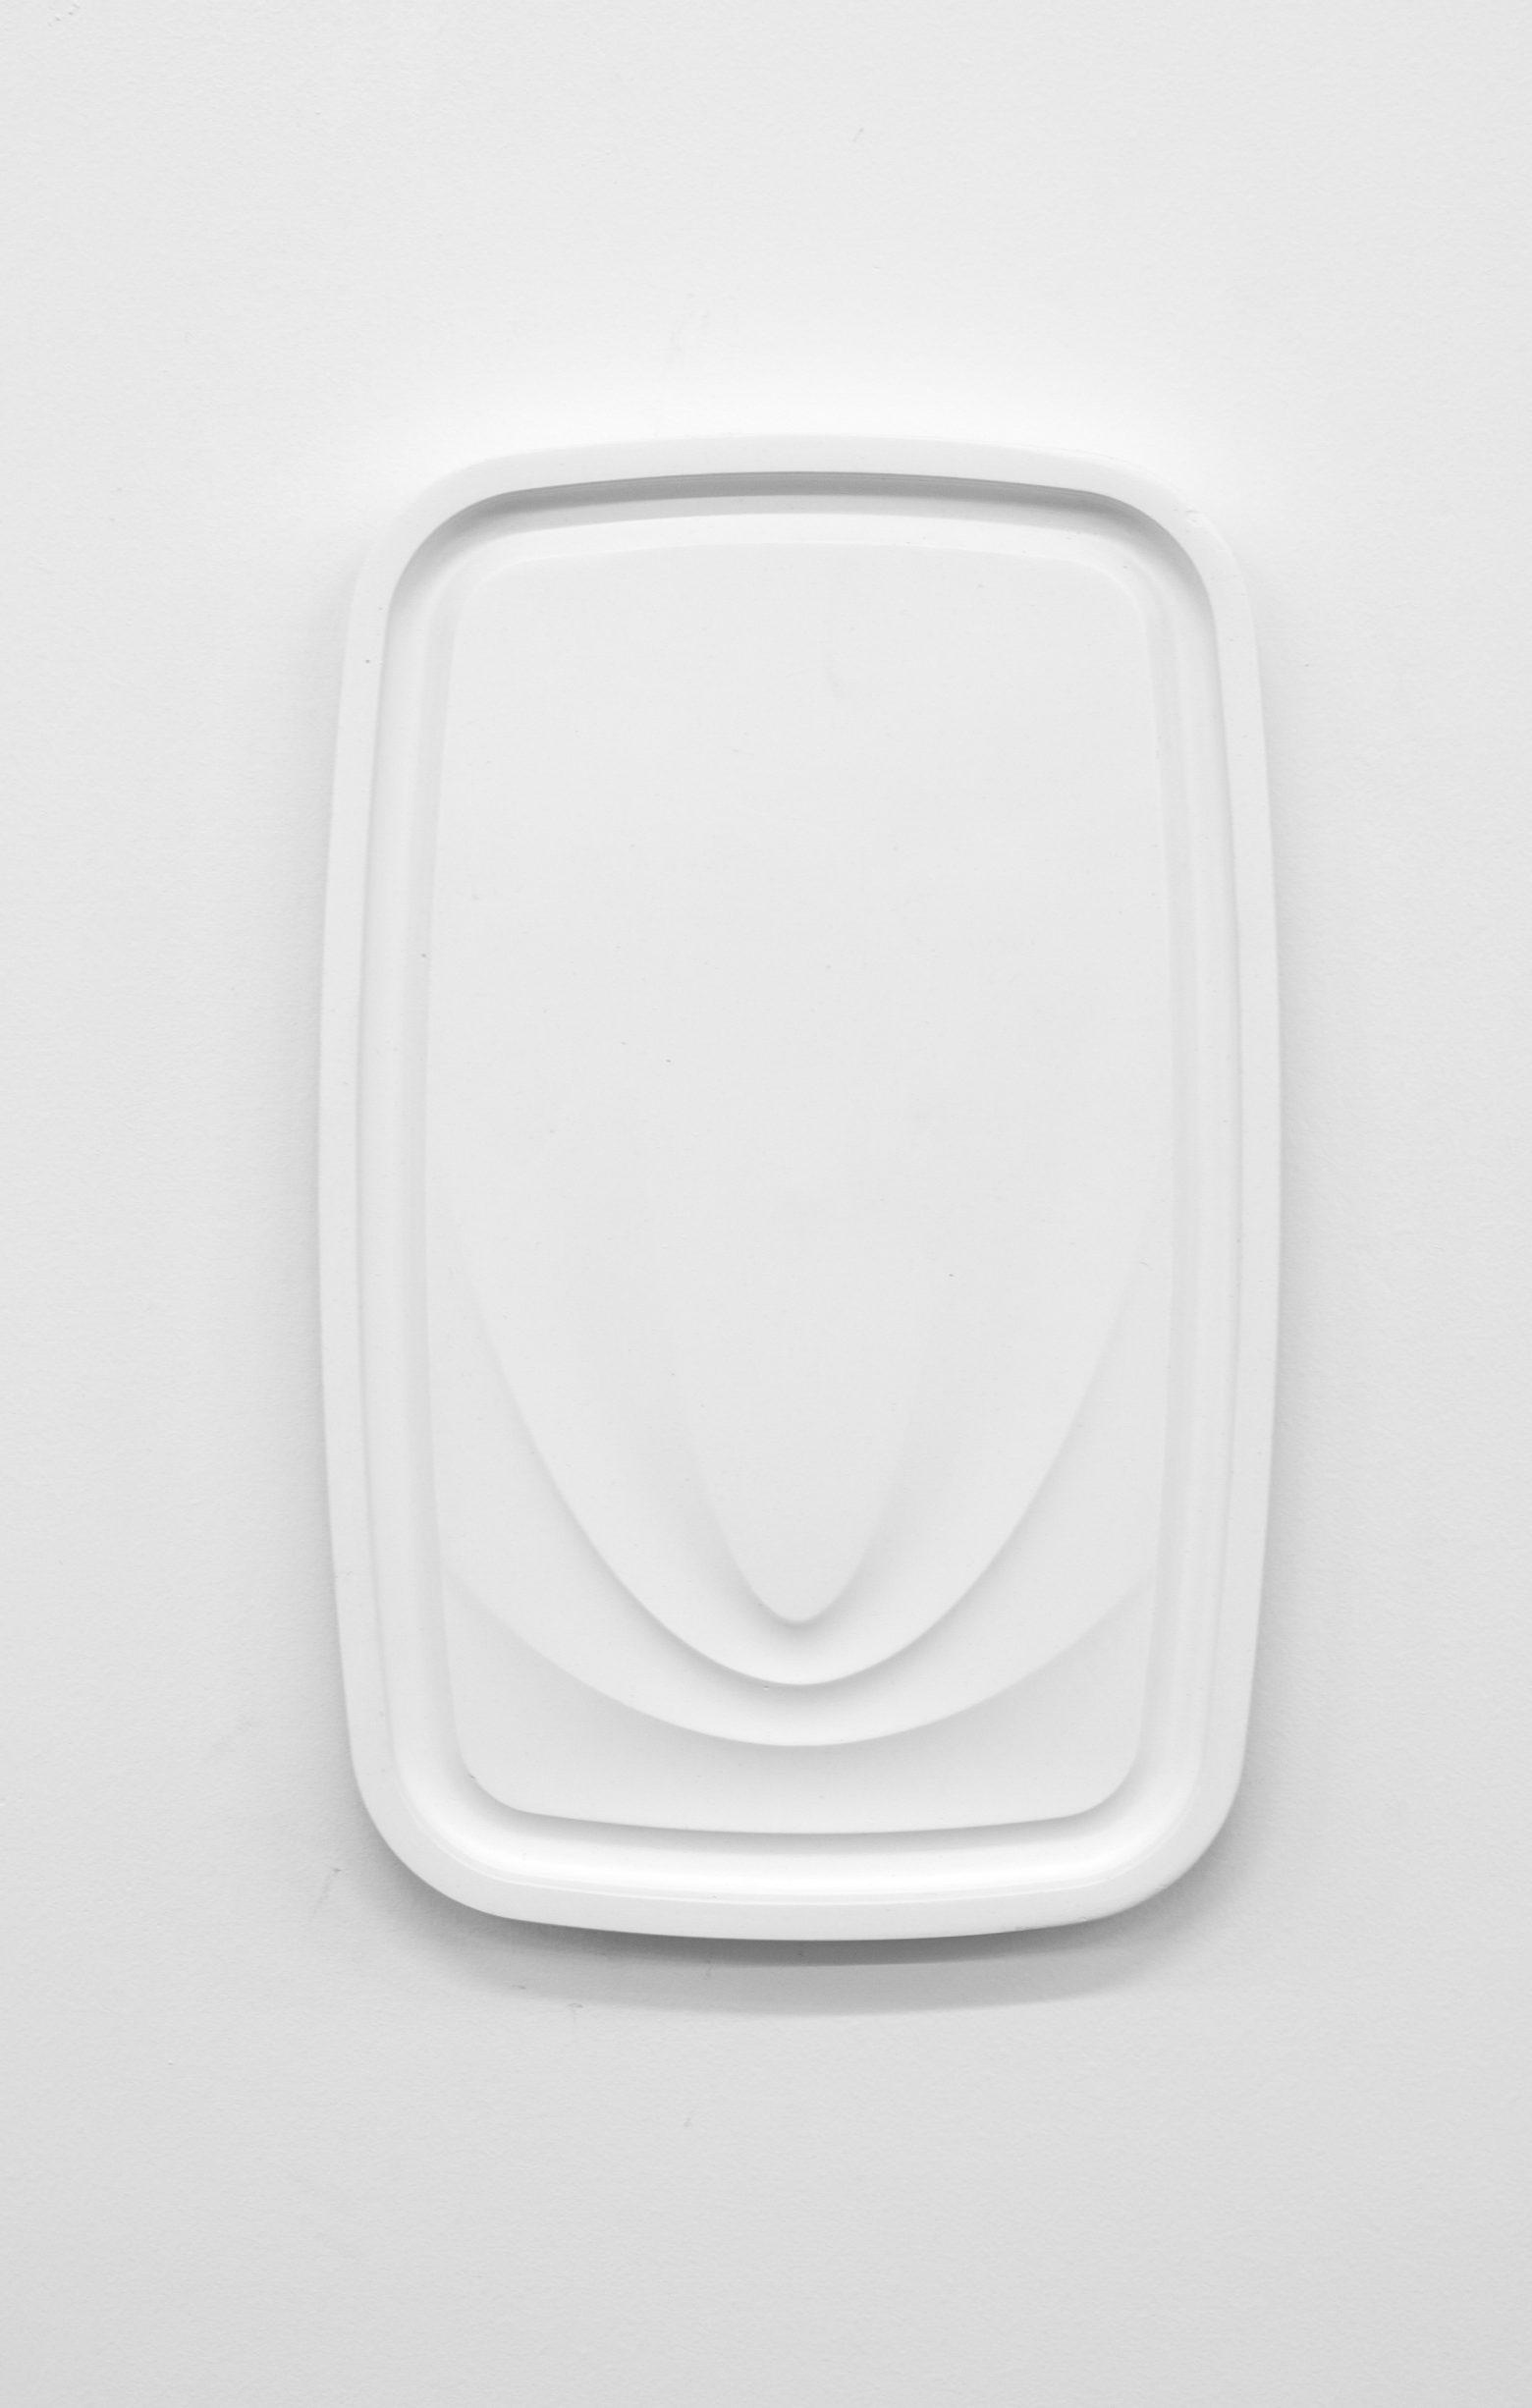 no ocupe el Espacio de la Mesa f/ácil de Instalar SYGEZJ No es Necesario perforar Debajo del caj/ón de la Mesa Dos Colores Grey, S acomode Todo Tipo de desechos peque/ños Adaptador y Auriculares